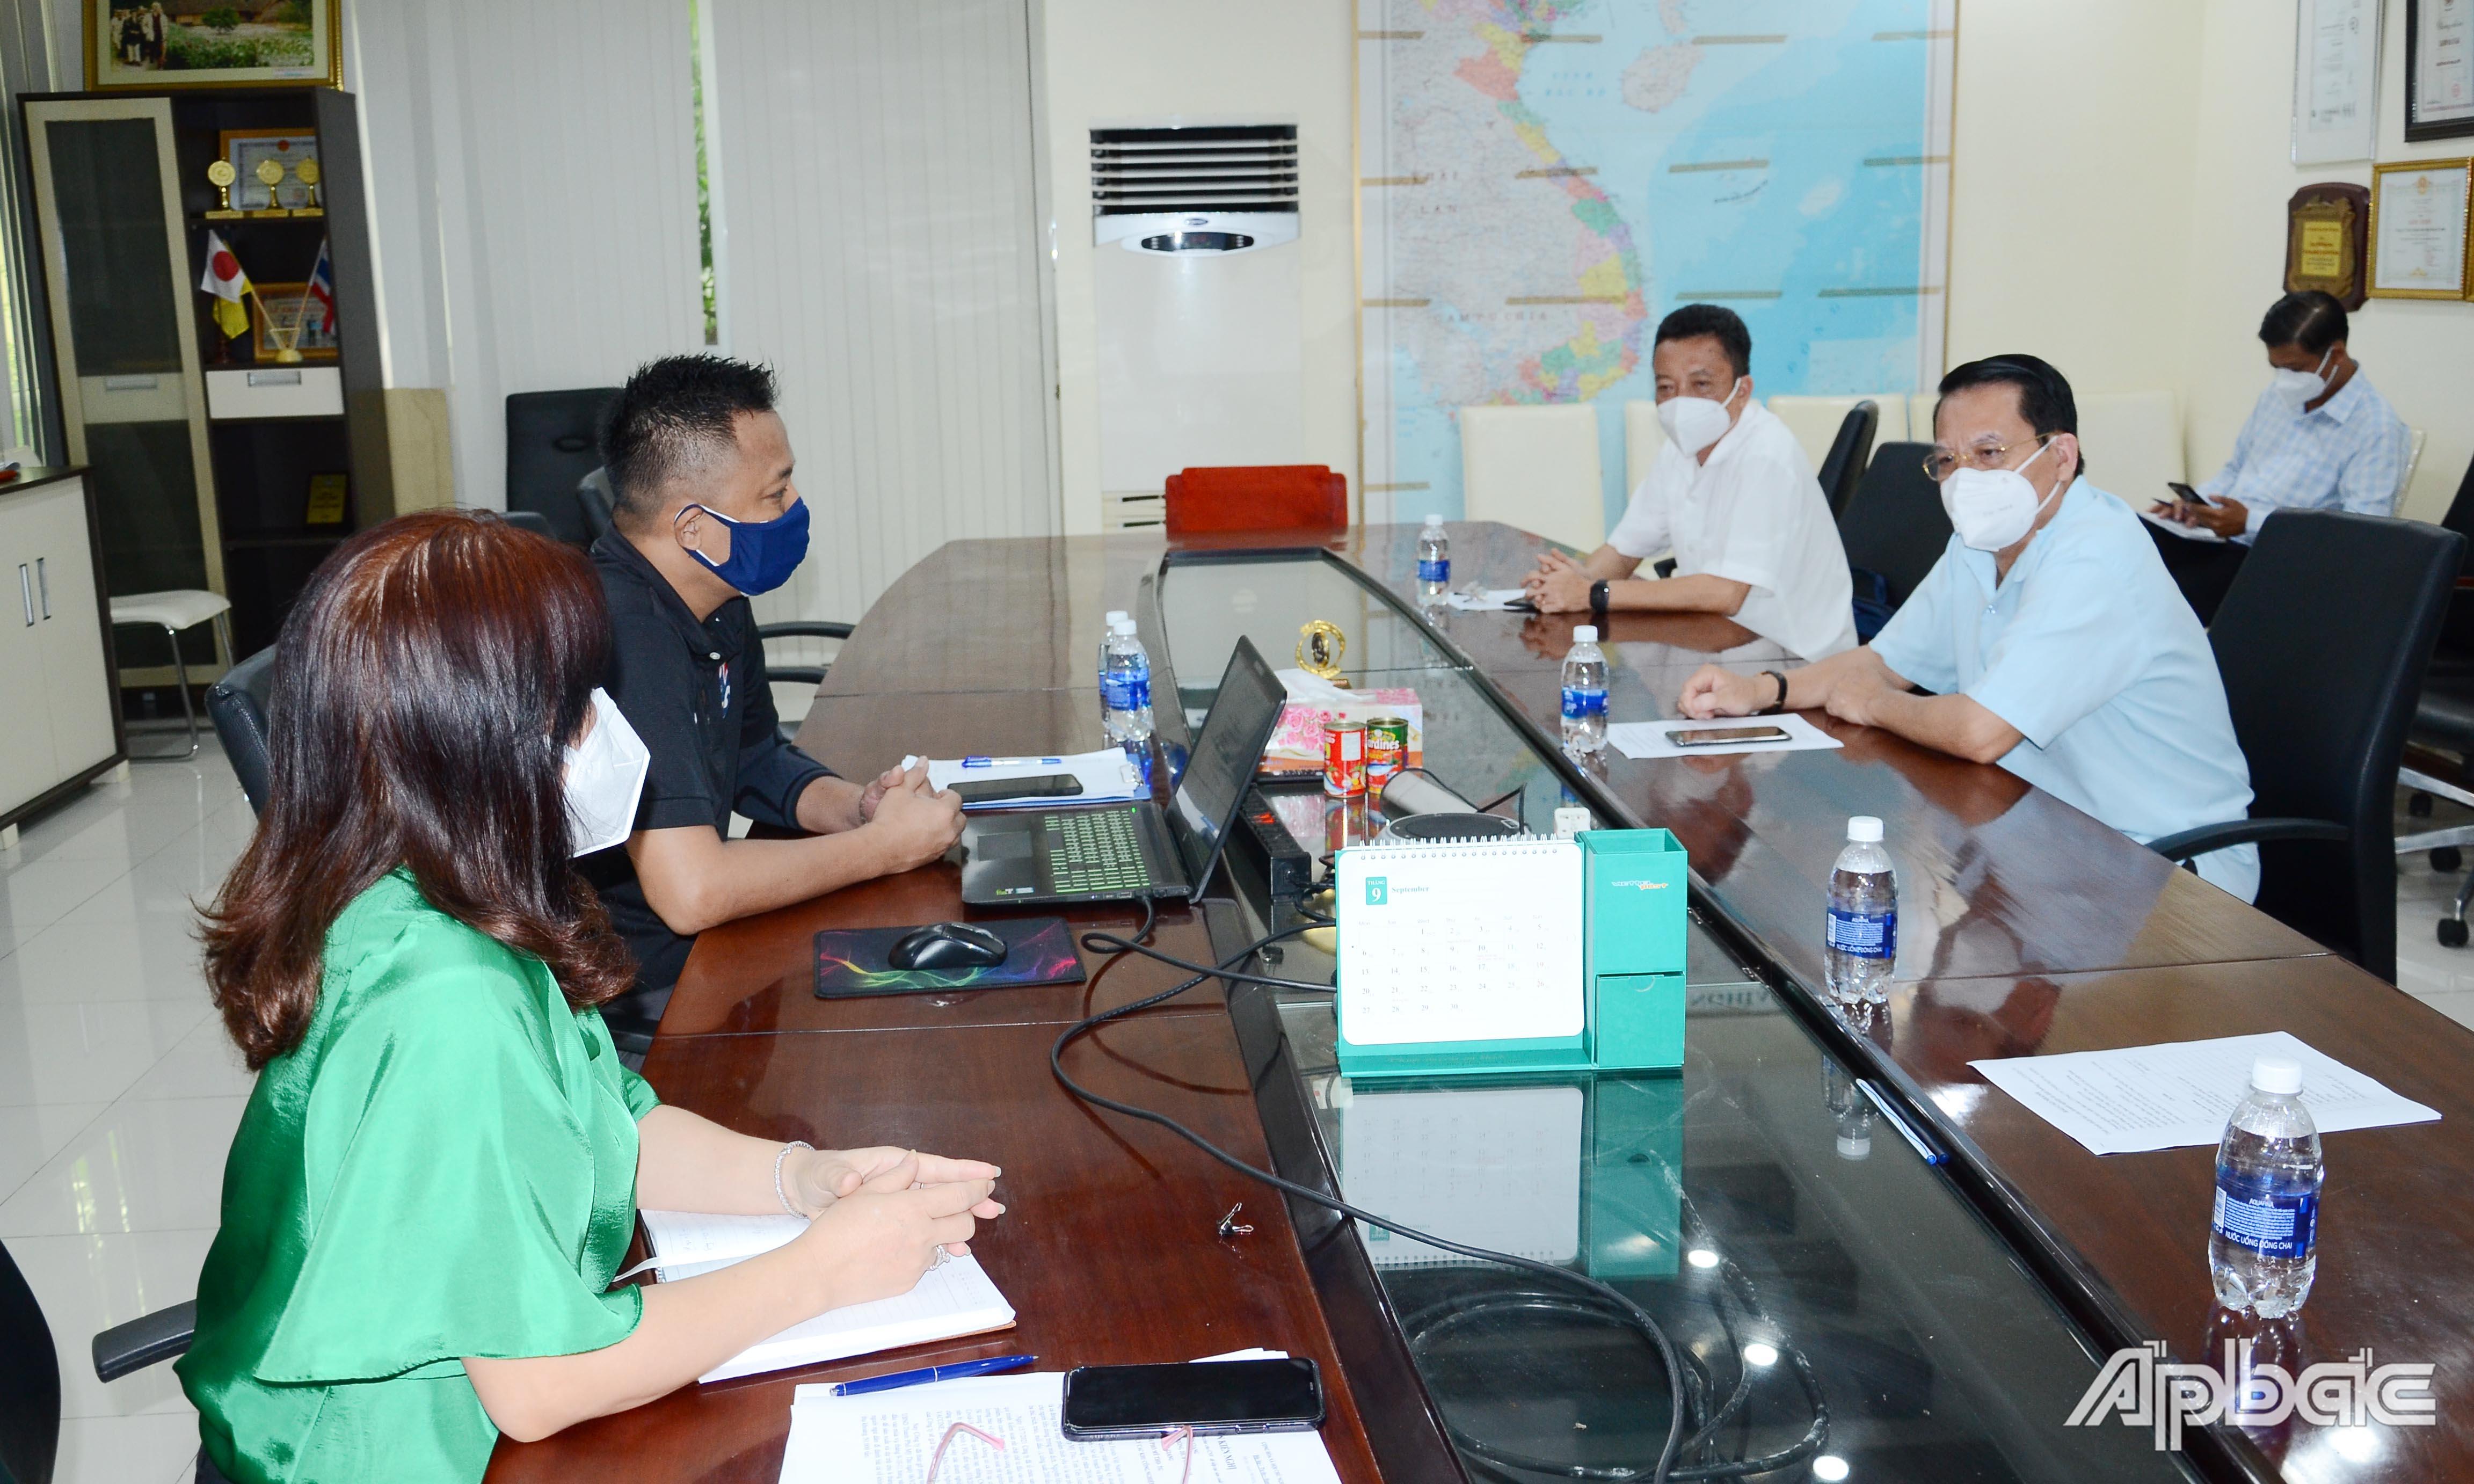 Đồng chí Phạm Văn Trọng tìm hiểu hoạt động tại Công ty TNHH Royal Foods Việt Nam.